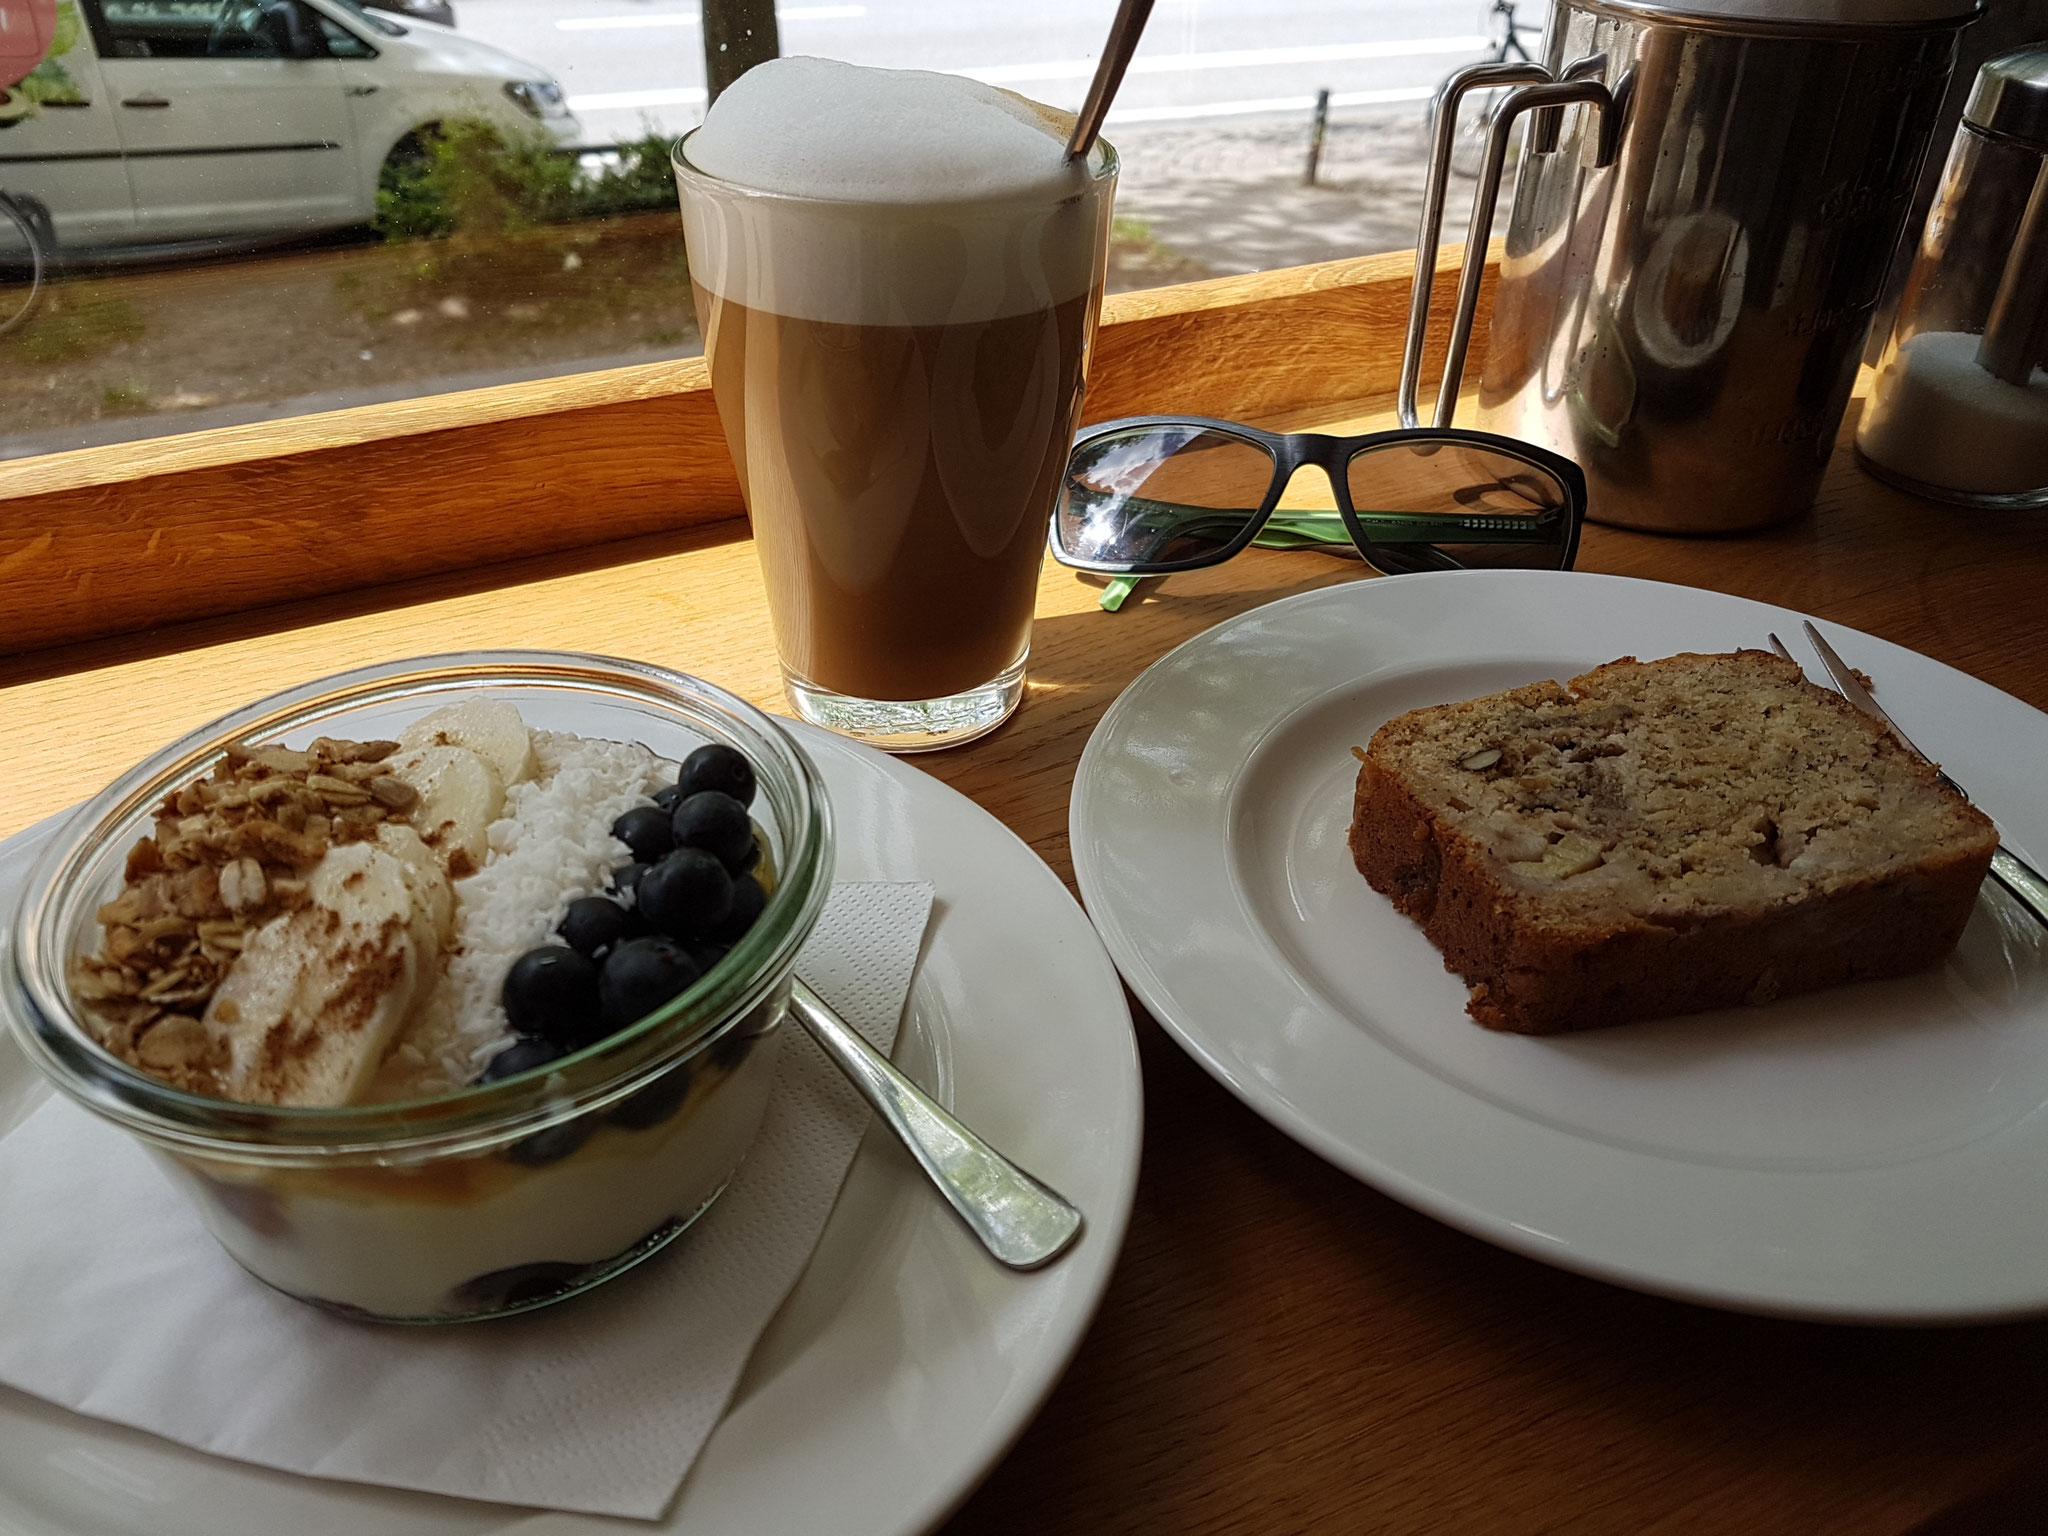 Leckeres Frühstück auswärts im happen.pappen in Hamburg